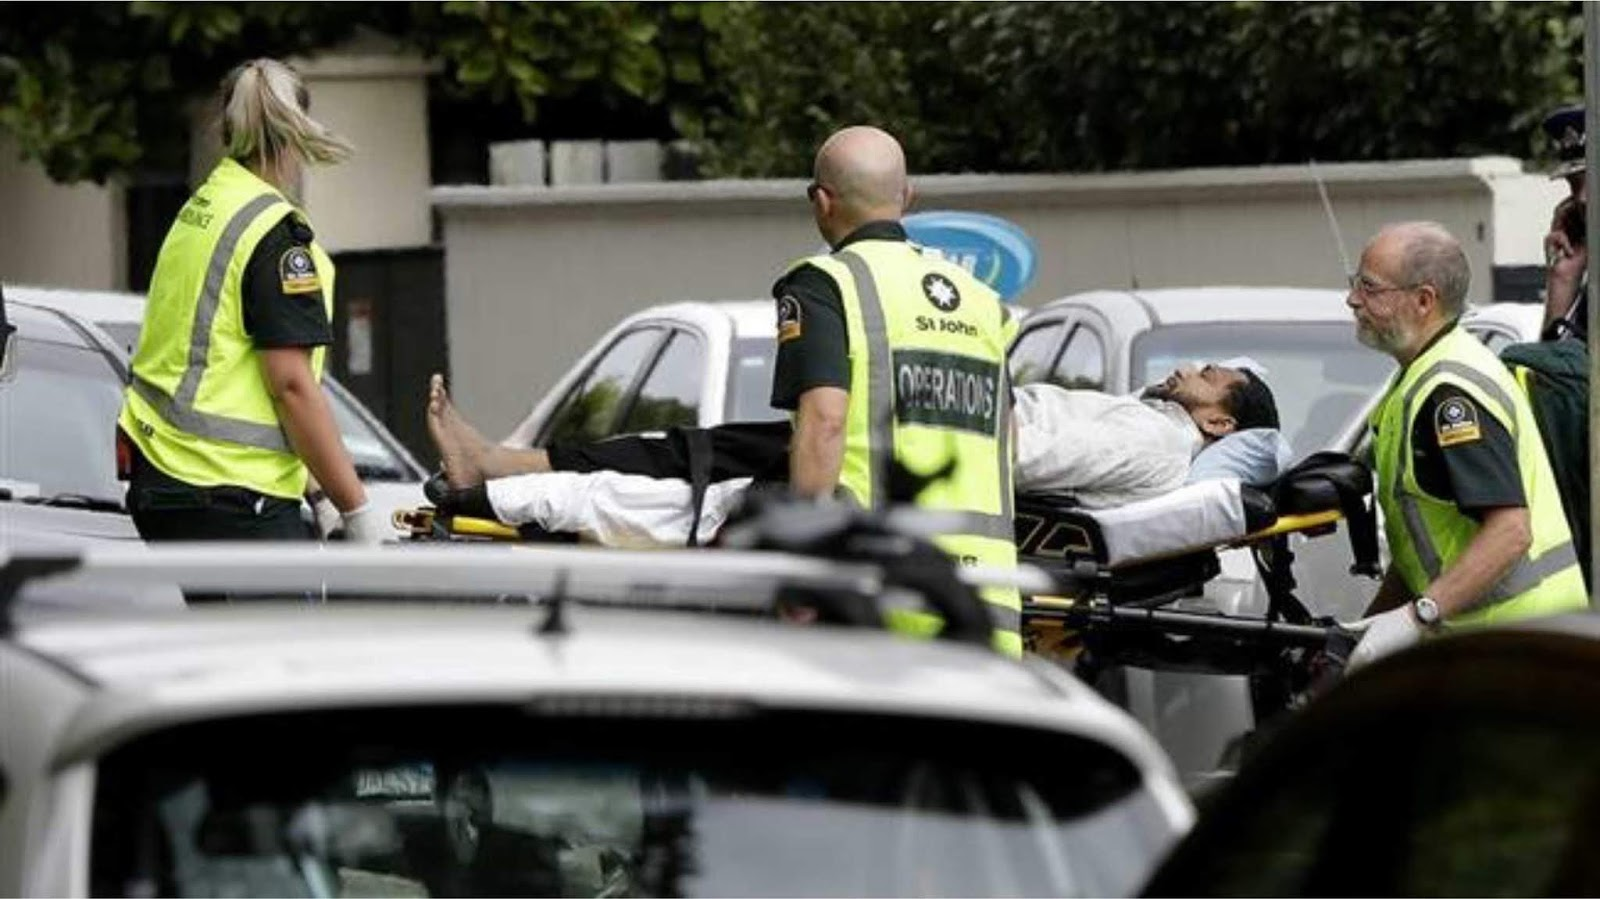 PM Selandia Baru berjanji mengubah undang-undang senjata setelah pembantaian mengerikan